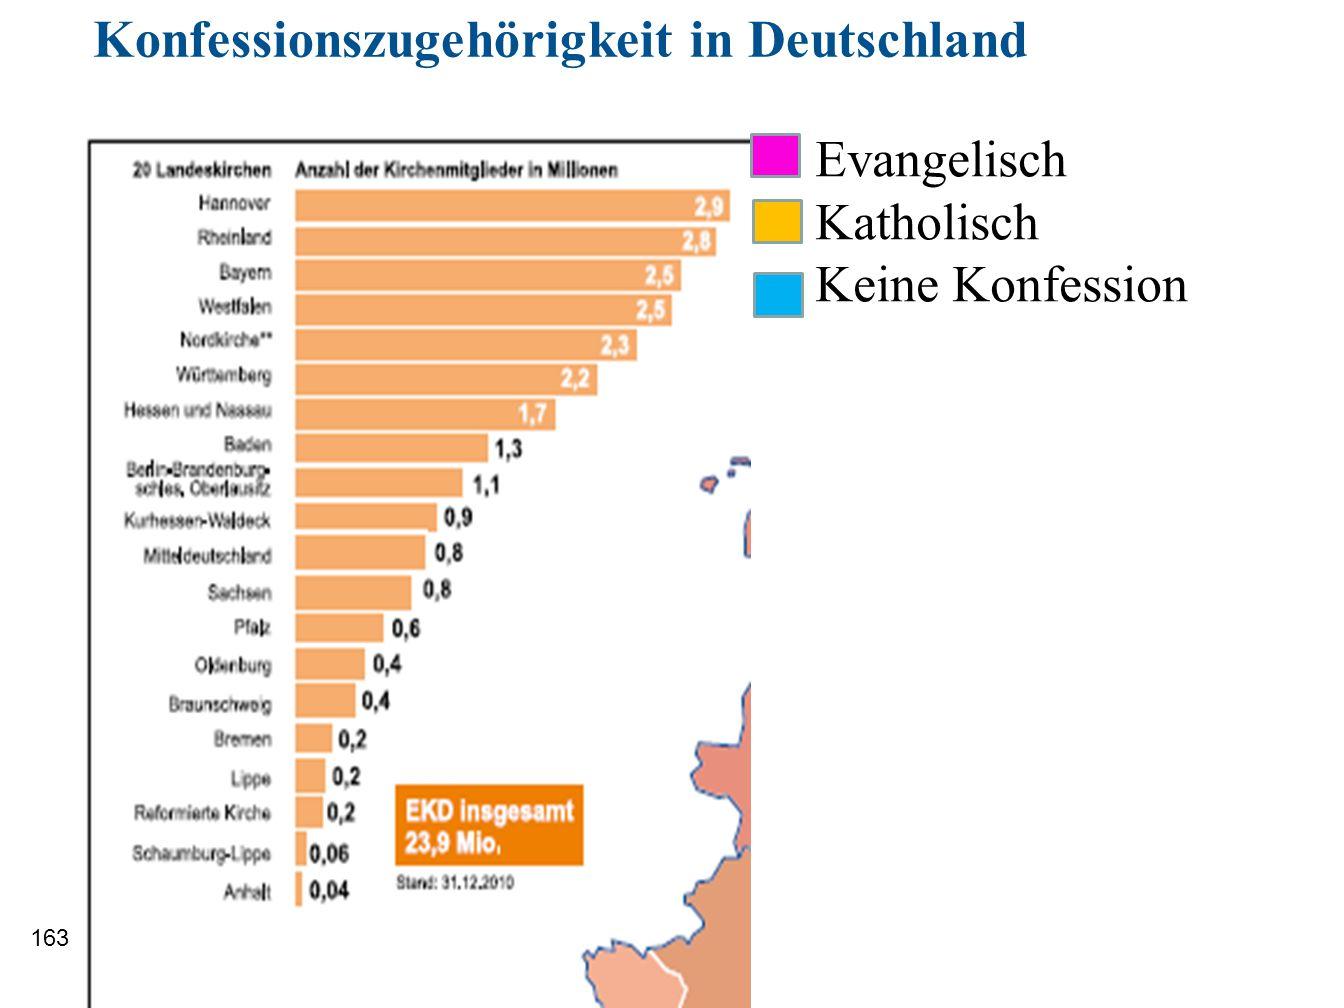 Konfessionszugehörigkeit in Deutschland